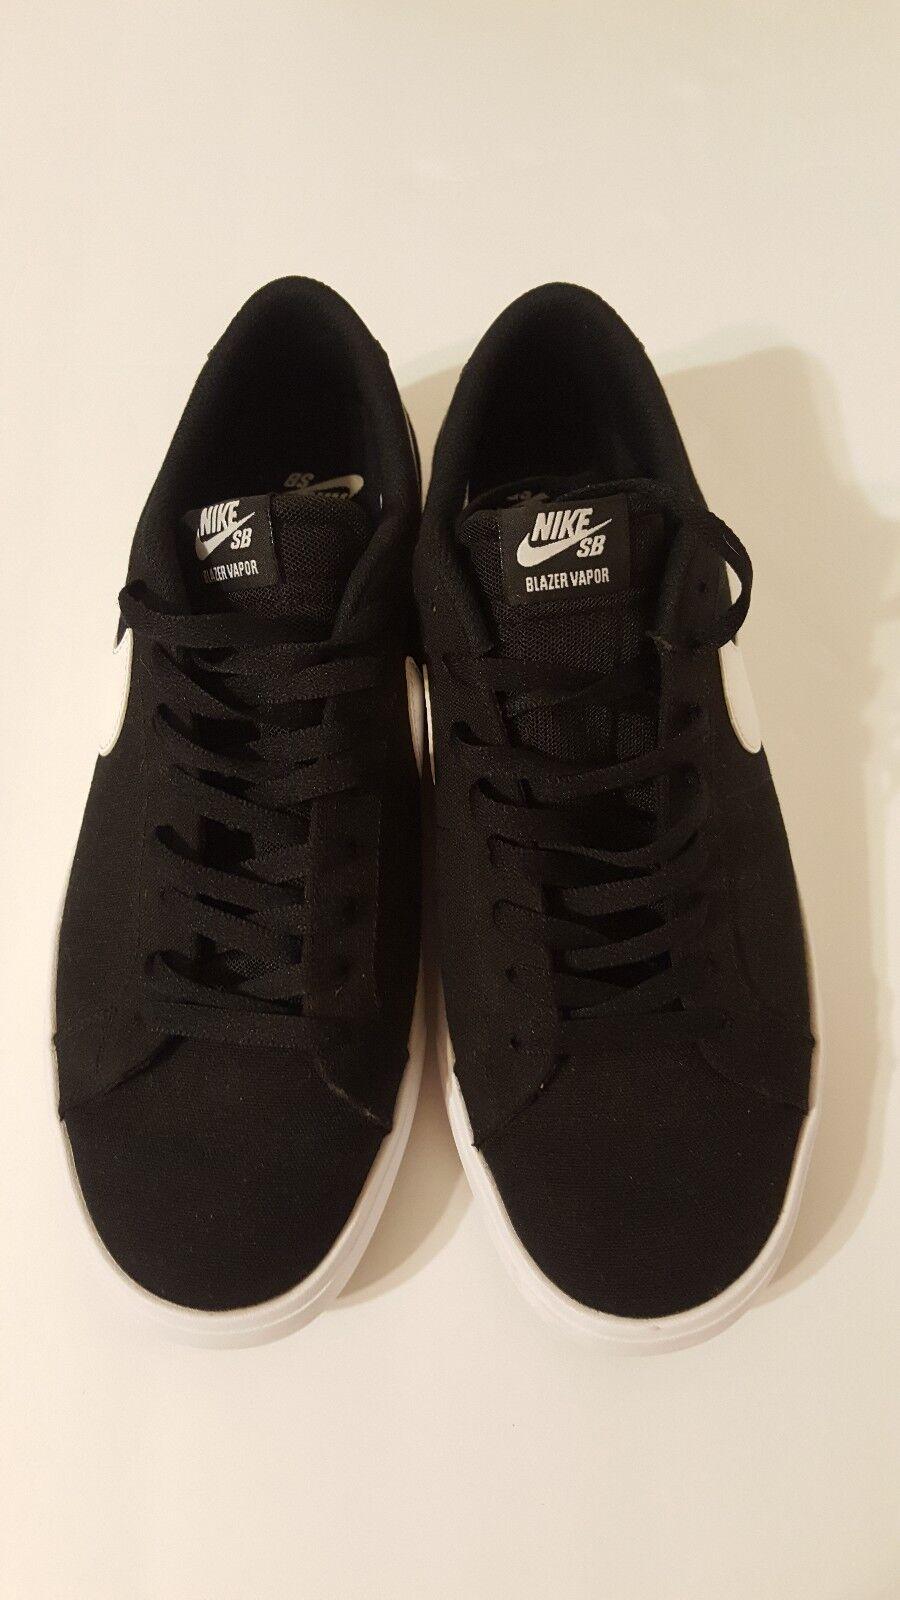 Nike Men's SB Blazer Vapor Skate Shoe SIZE 12 Made in Vietnam